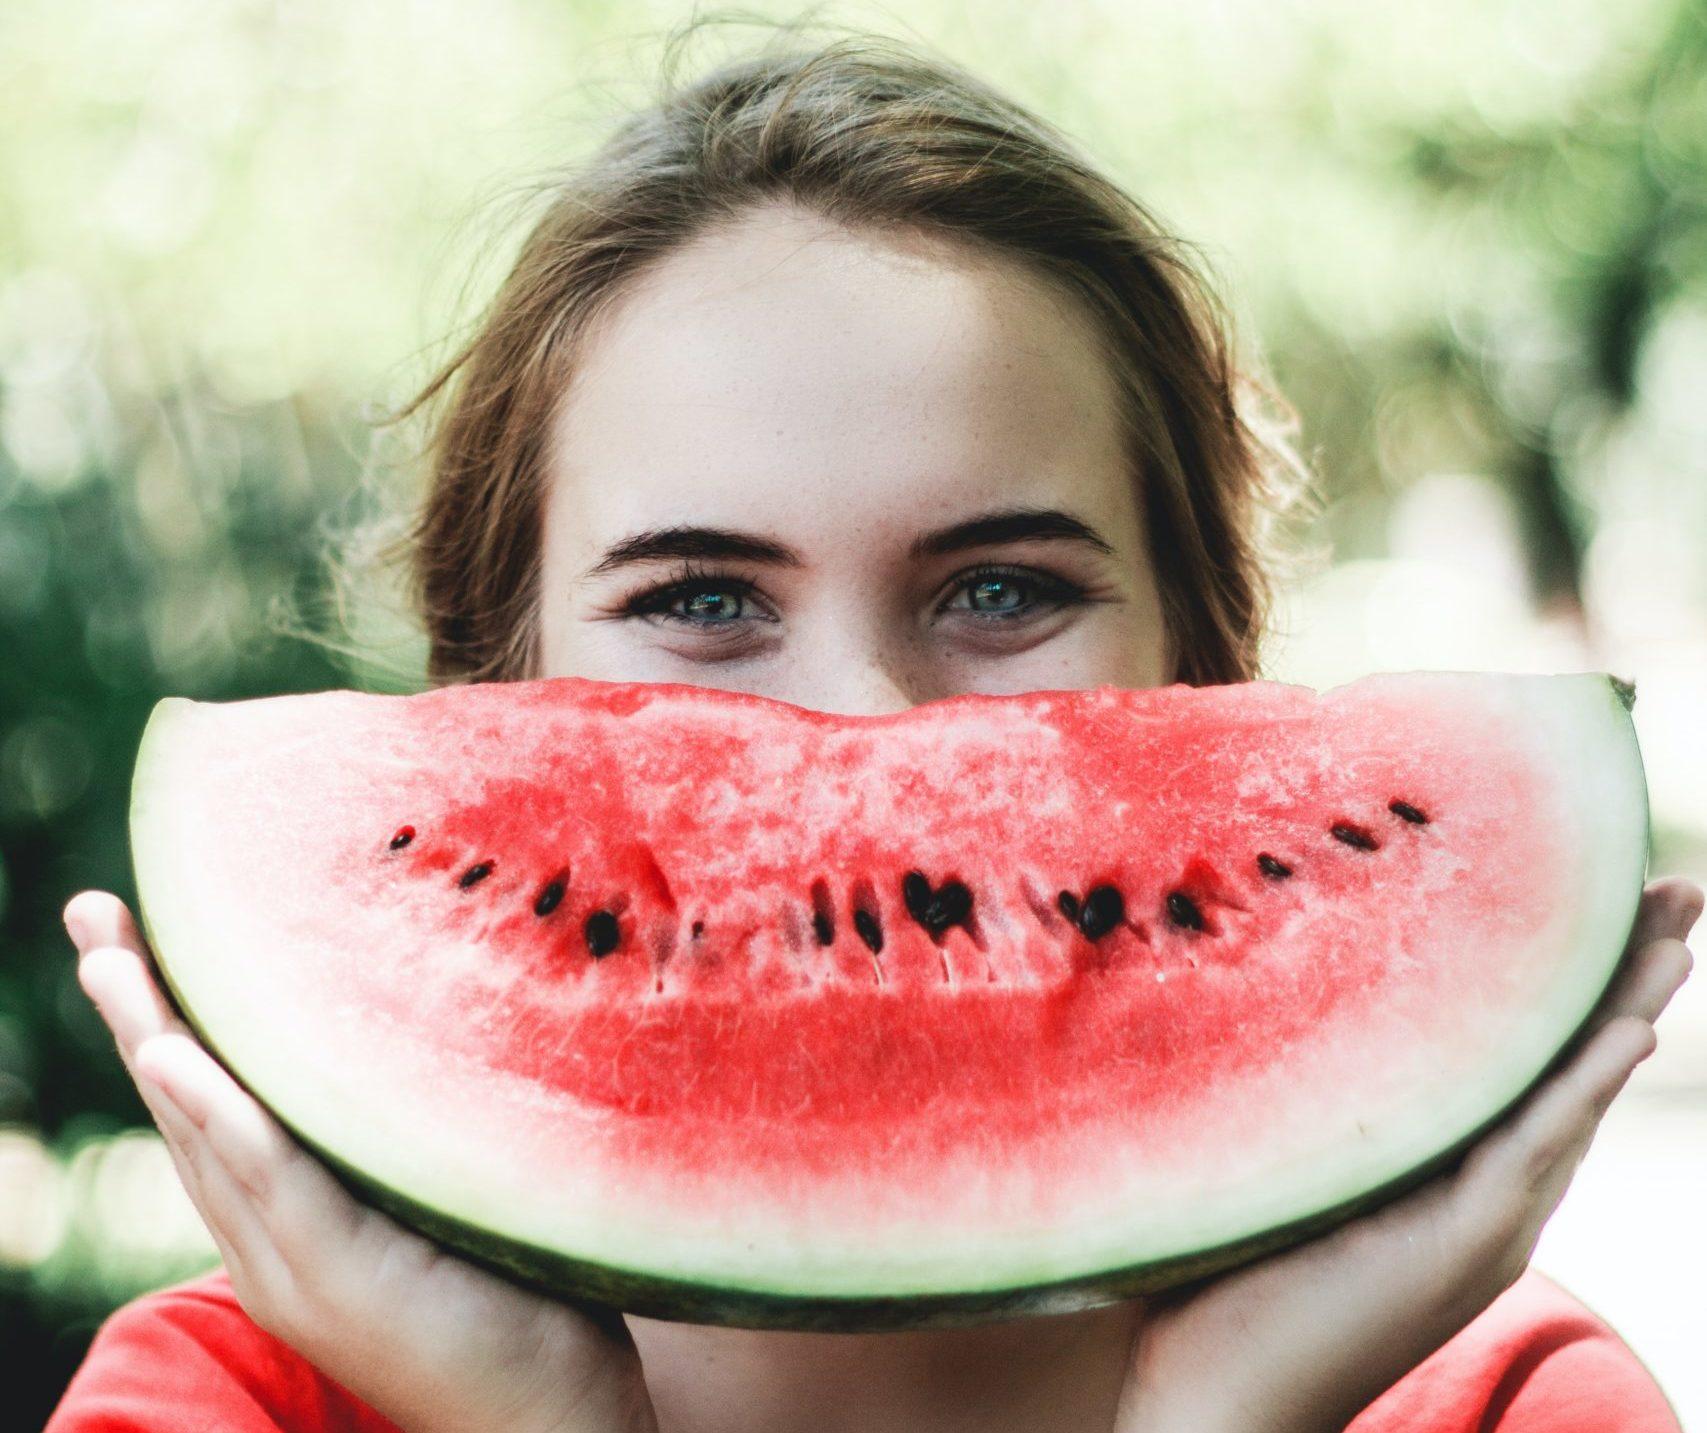 ¡Sonríe! Cómo aumentar la alegría en tiempos de coronavirus